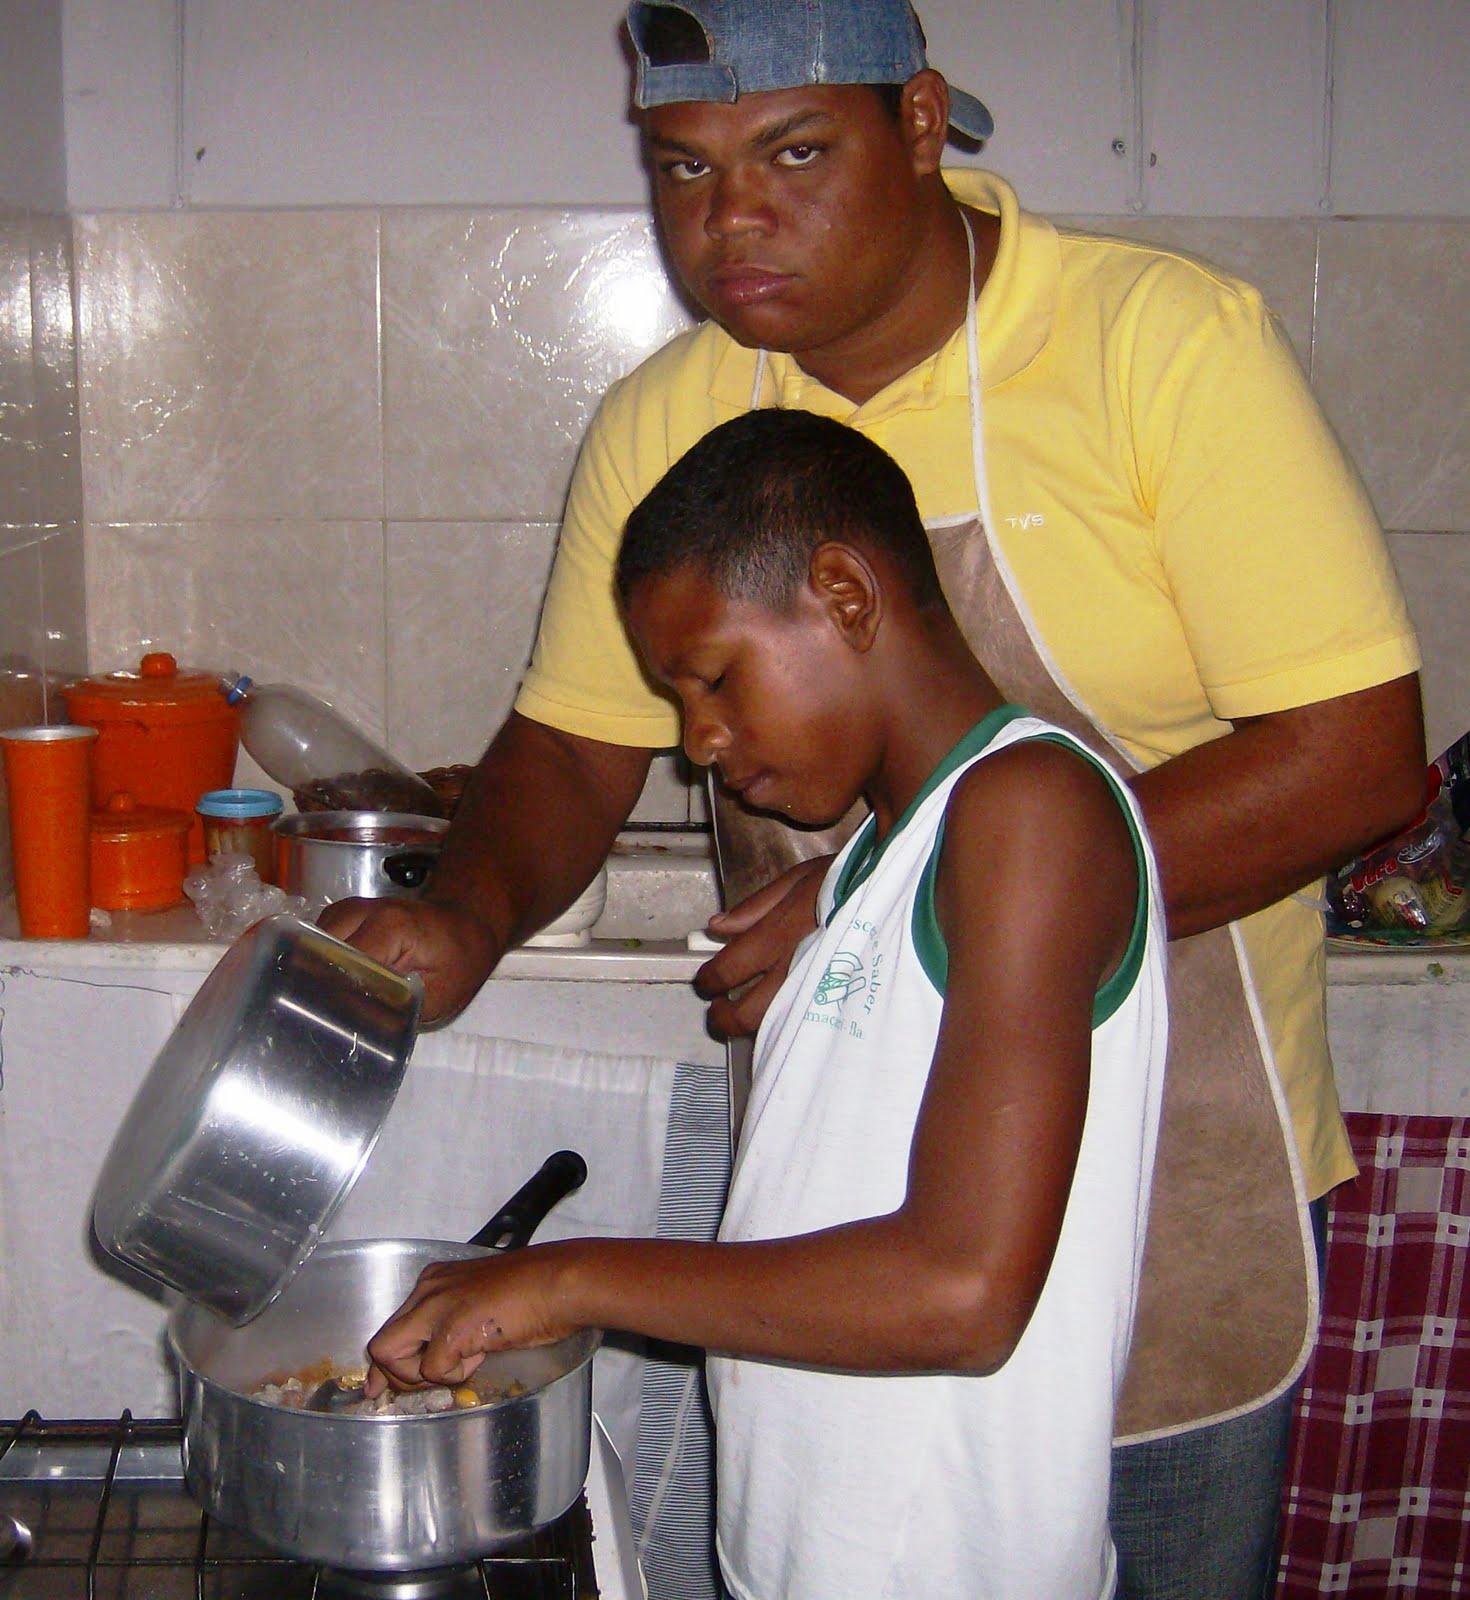 Nieuws uit bahia padre francisco verhelle samen koken for Beeldkoken